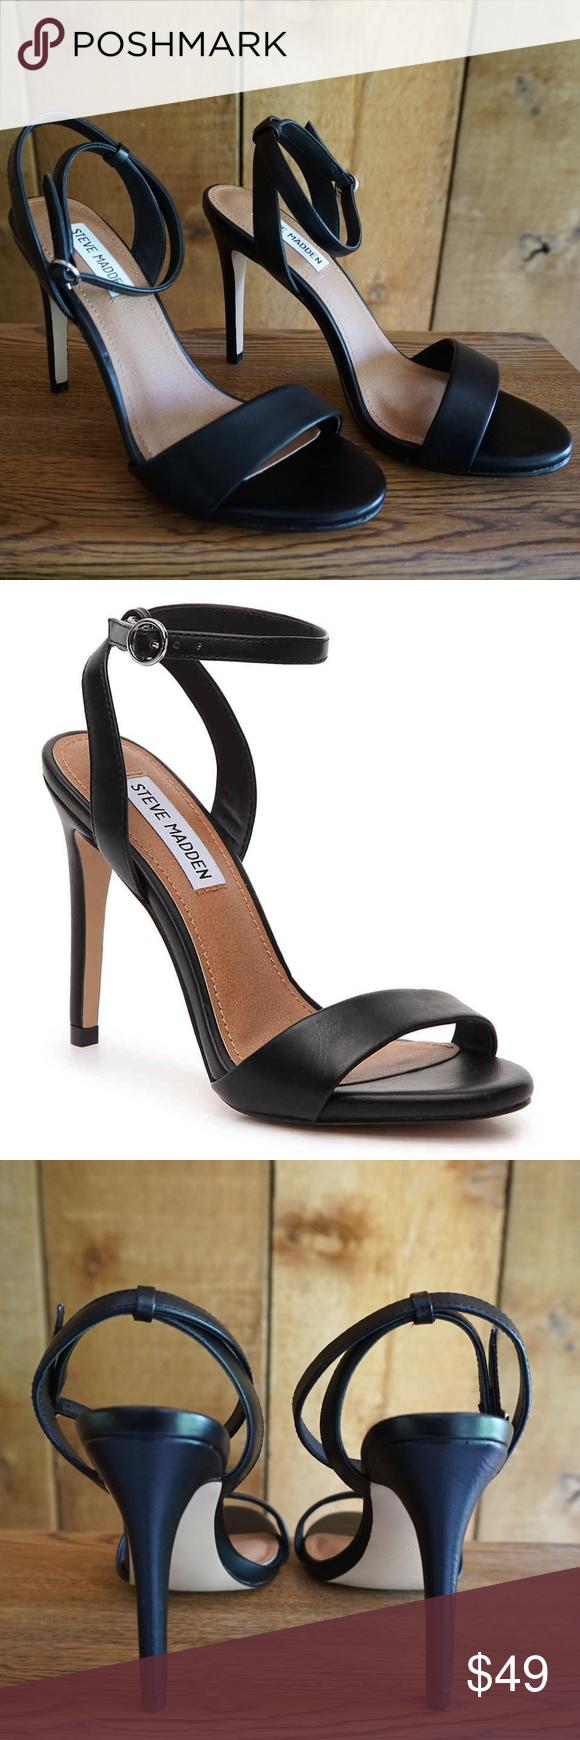 Black Ankle Strap Open Toe Heels NWOT